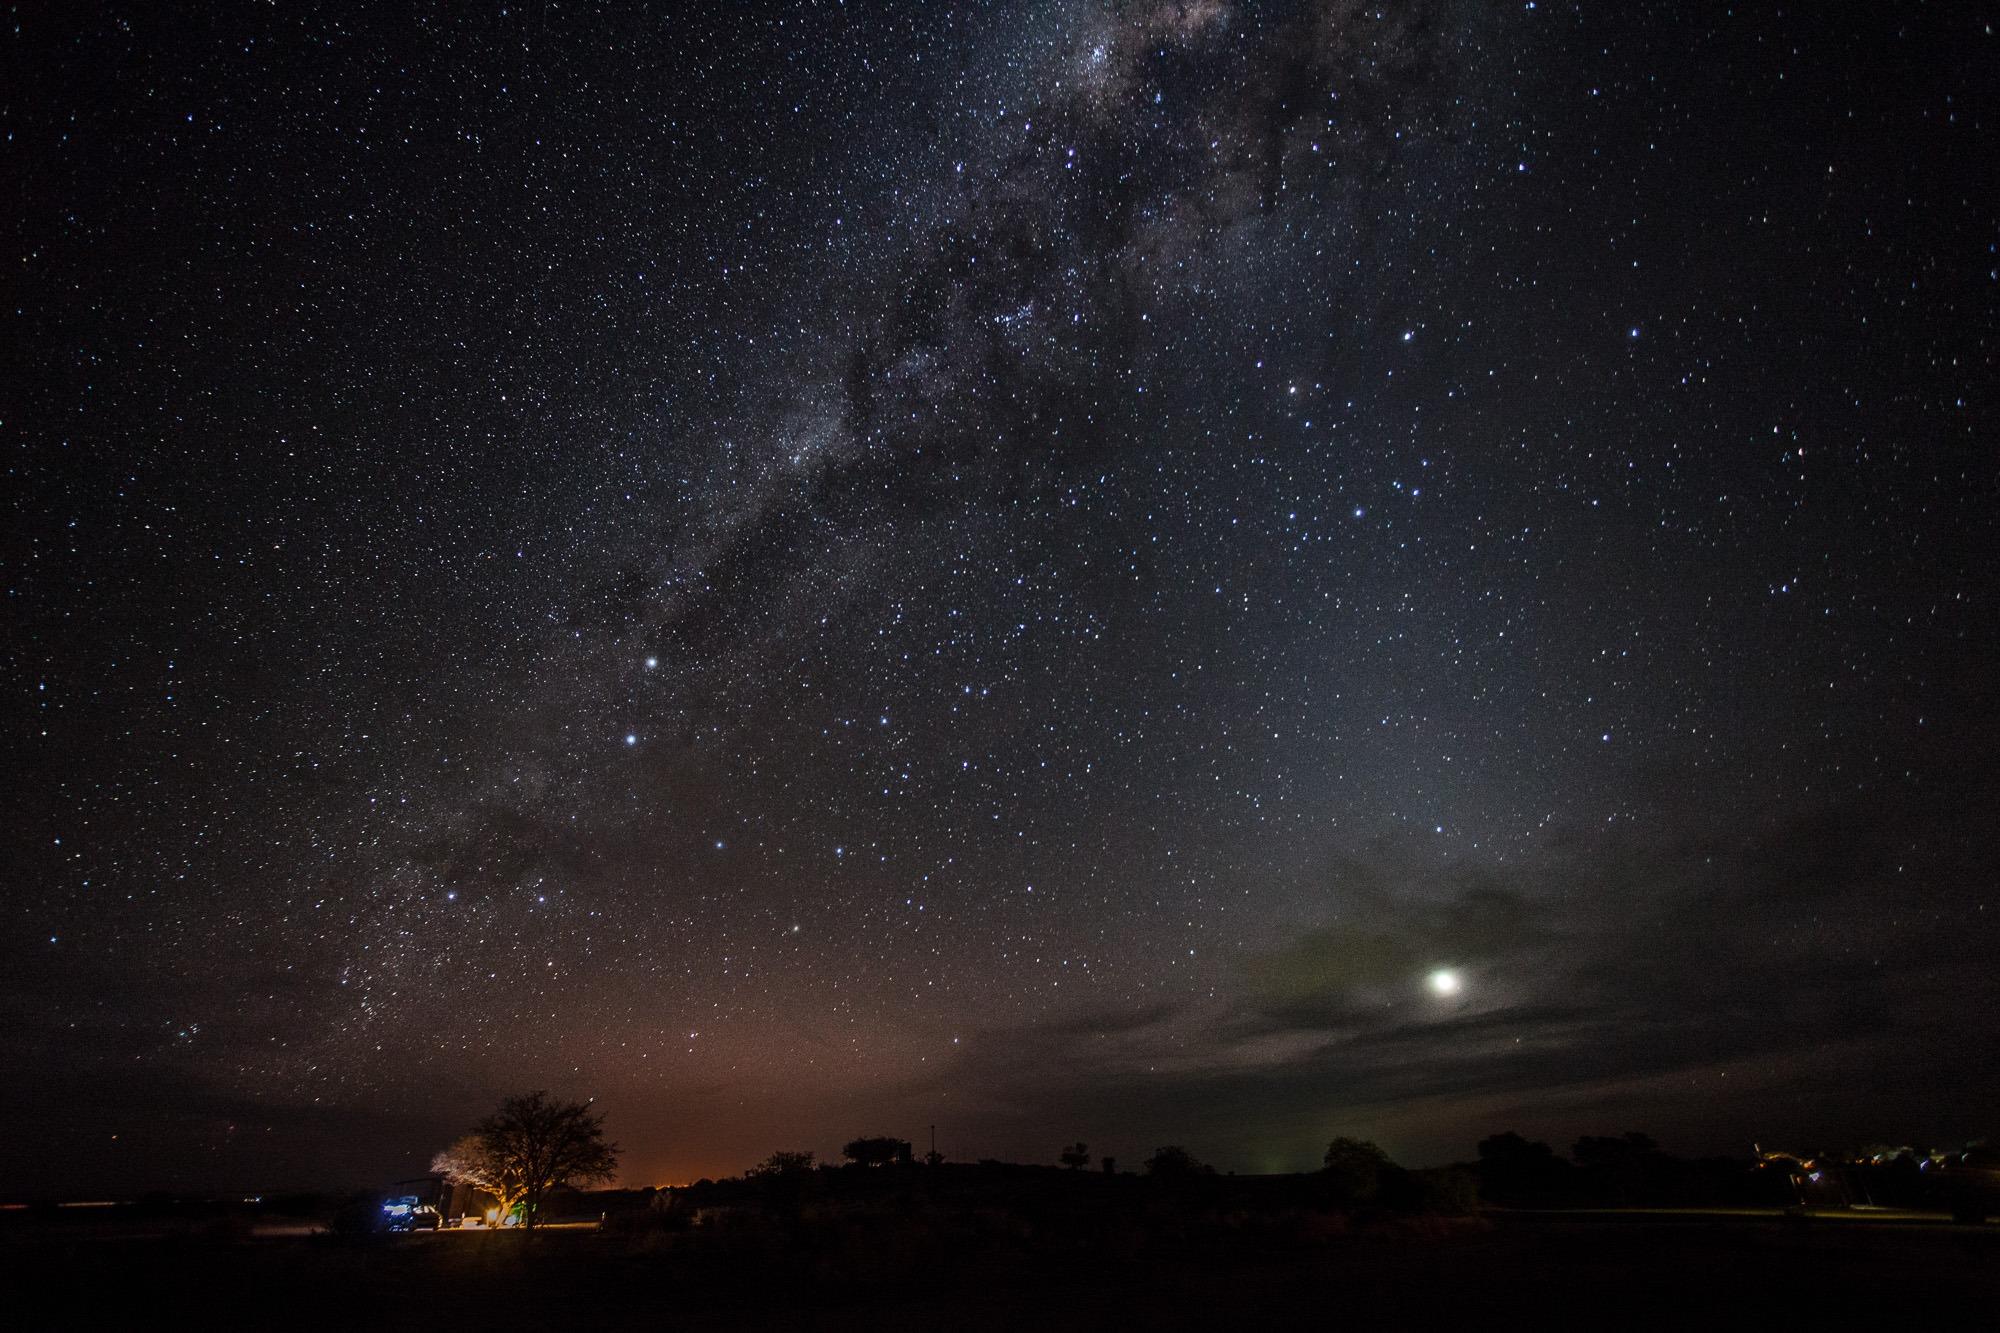 Sternenhimmel mit Milchstrasse im Köcherbaumwald in Namibia